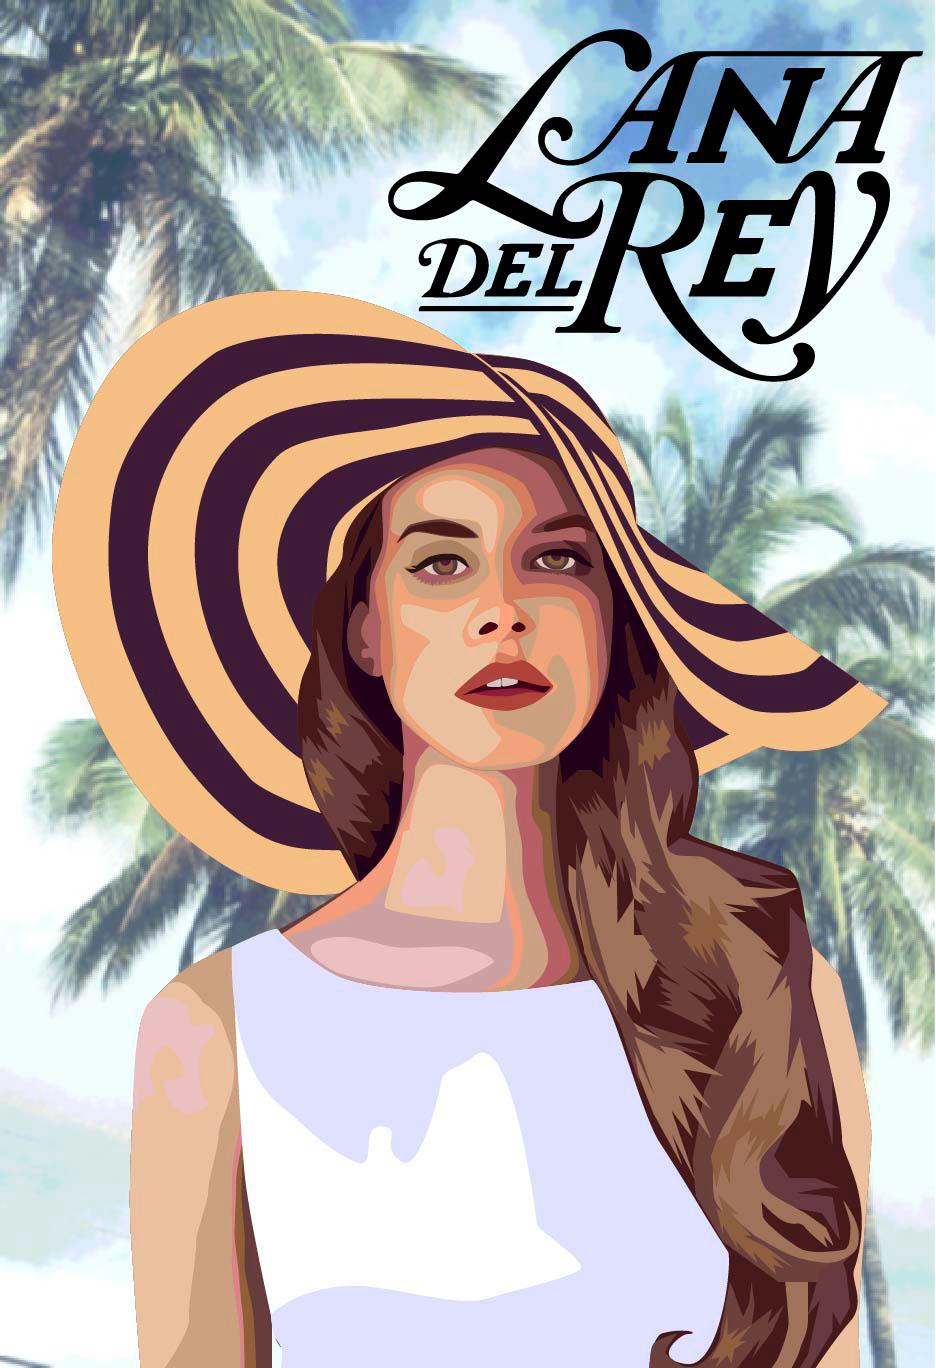 Lana Del Rey Fan Poster